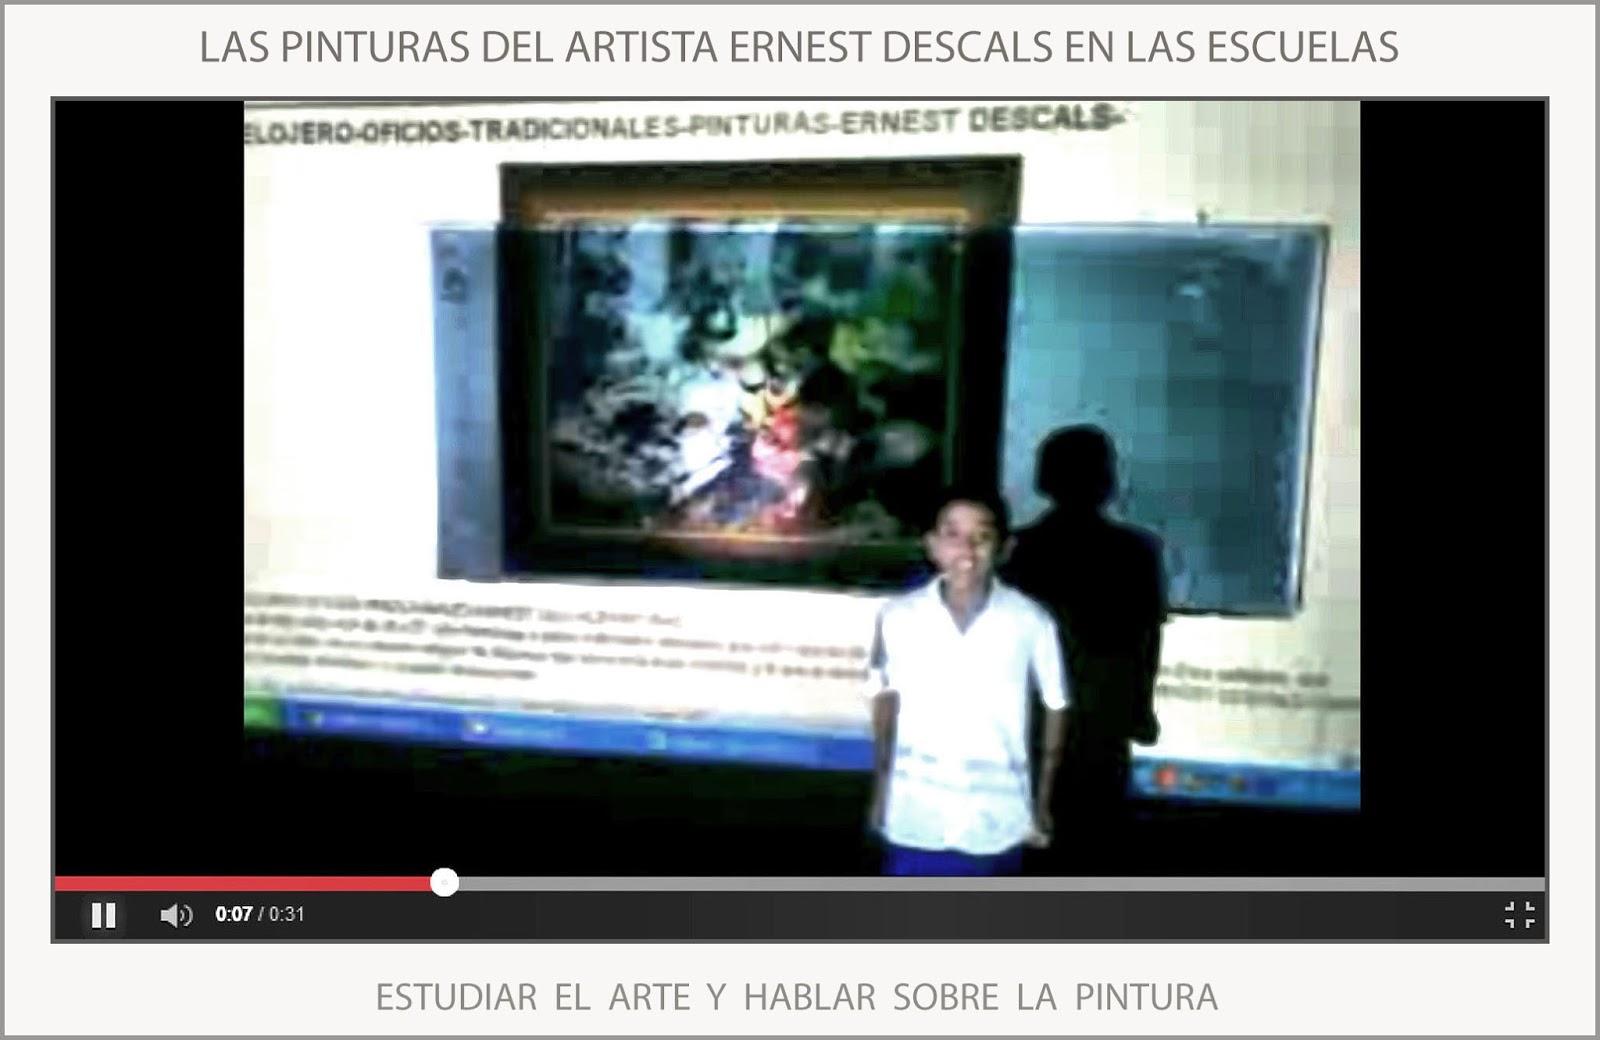 ernest descals artista pintor arte escuelas pintura On donde estudiar pintura